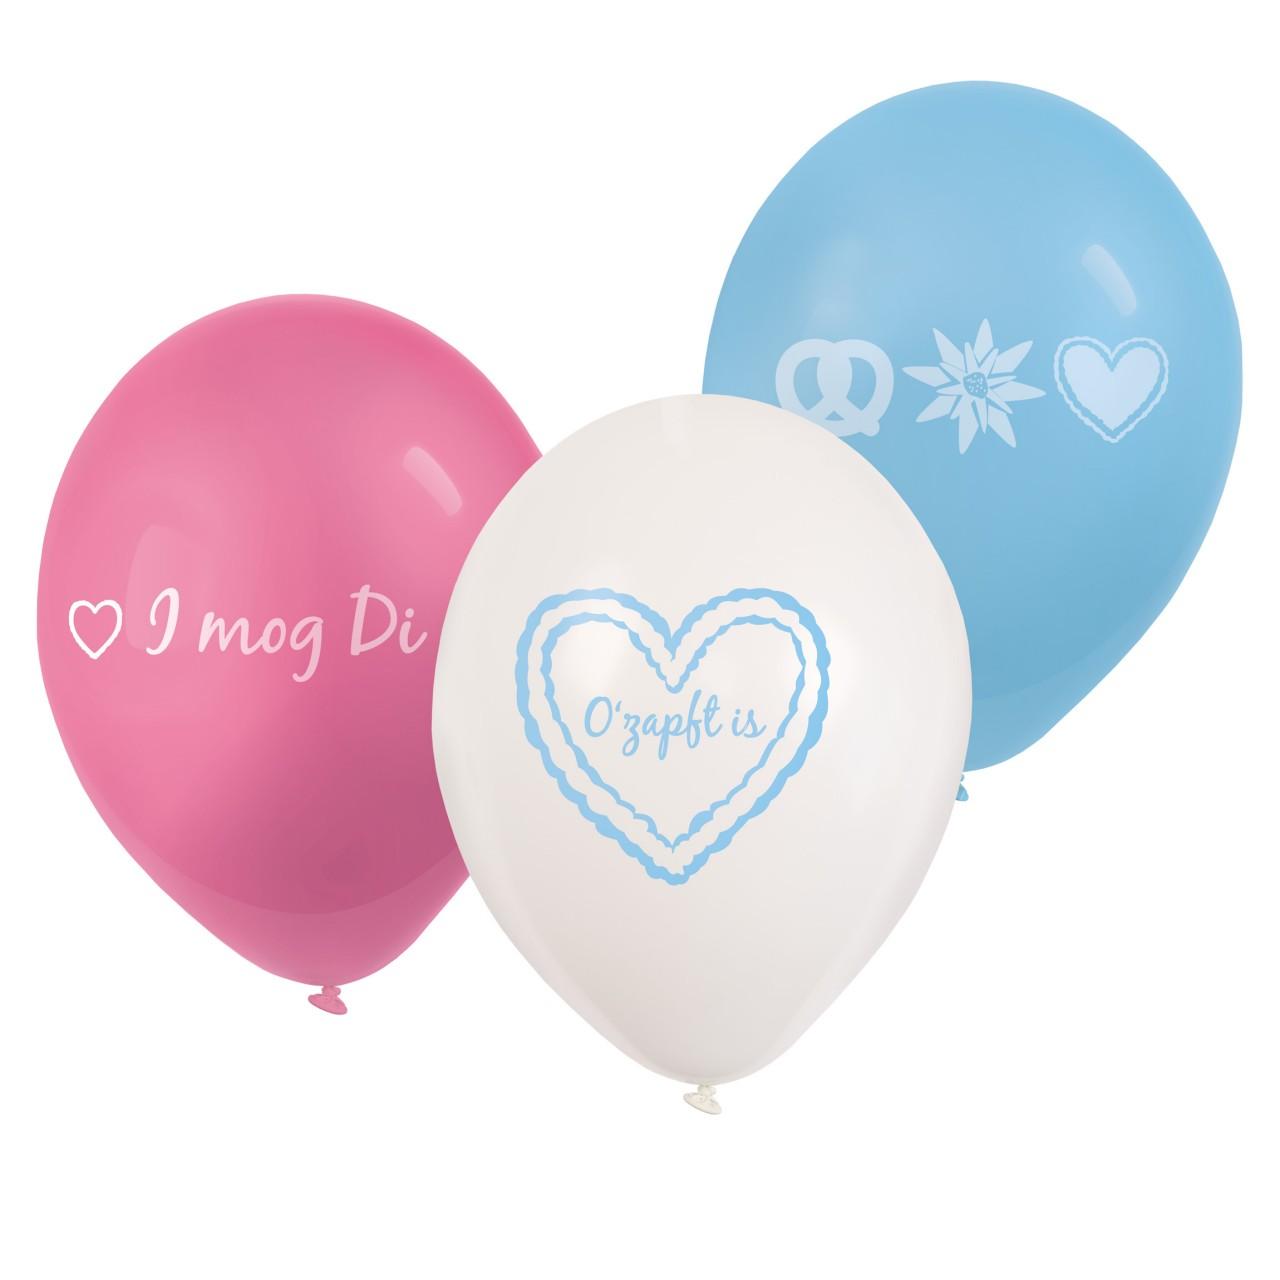 6 latexballonnen Beieren O´zapft is